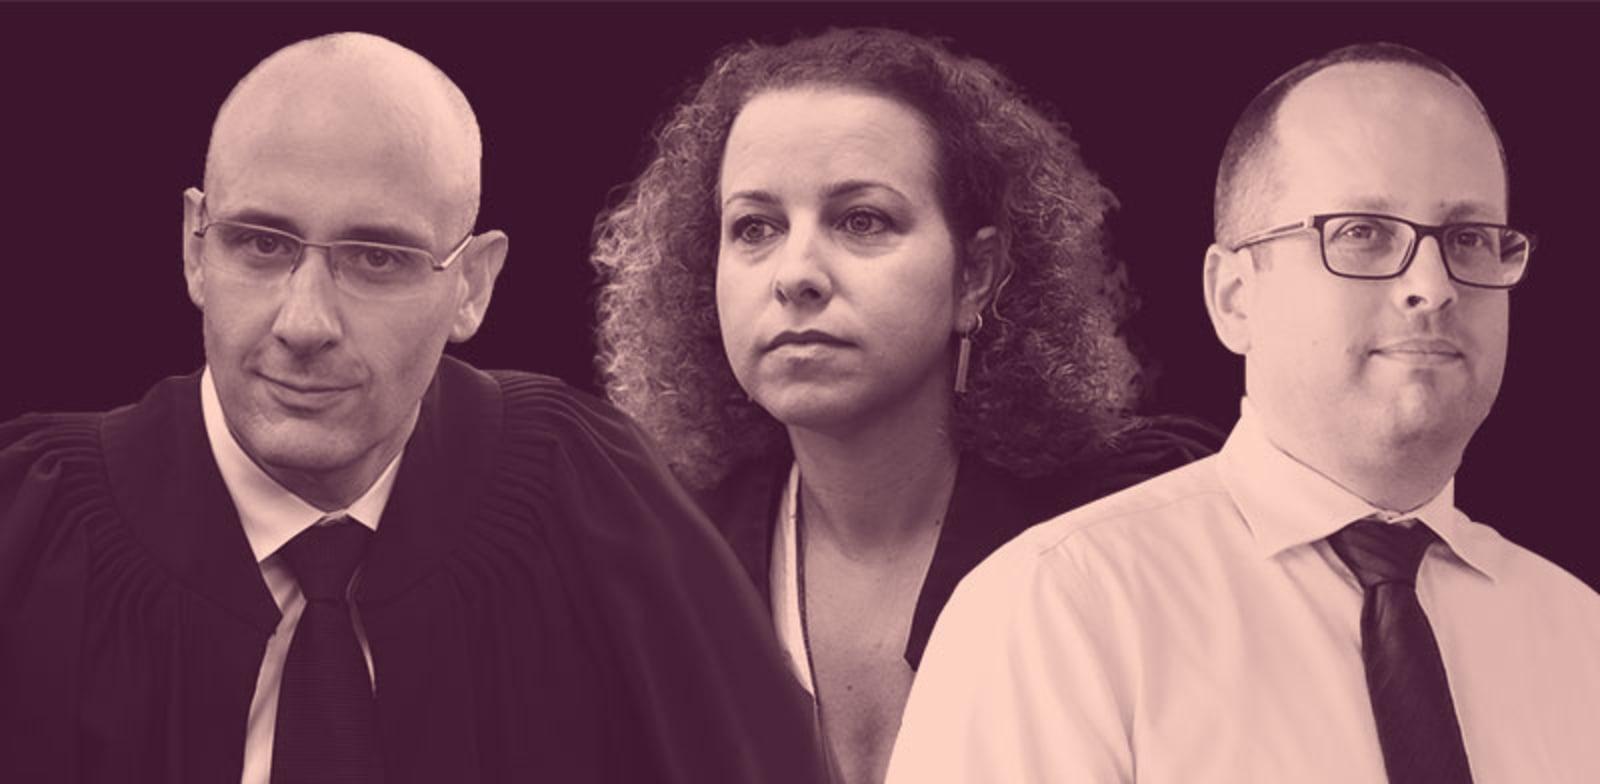 עורכי הדין אמיר טבנקין, יהודית תירוש ויהונתן תדמור / צילום: שלומי יוסף, תמר מצפי